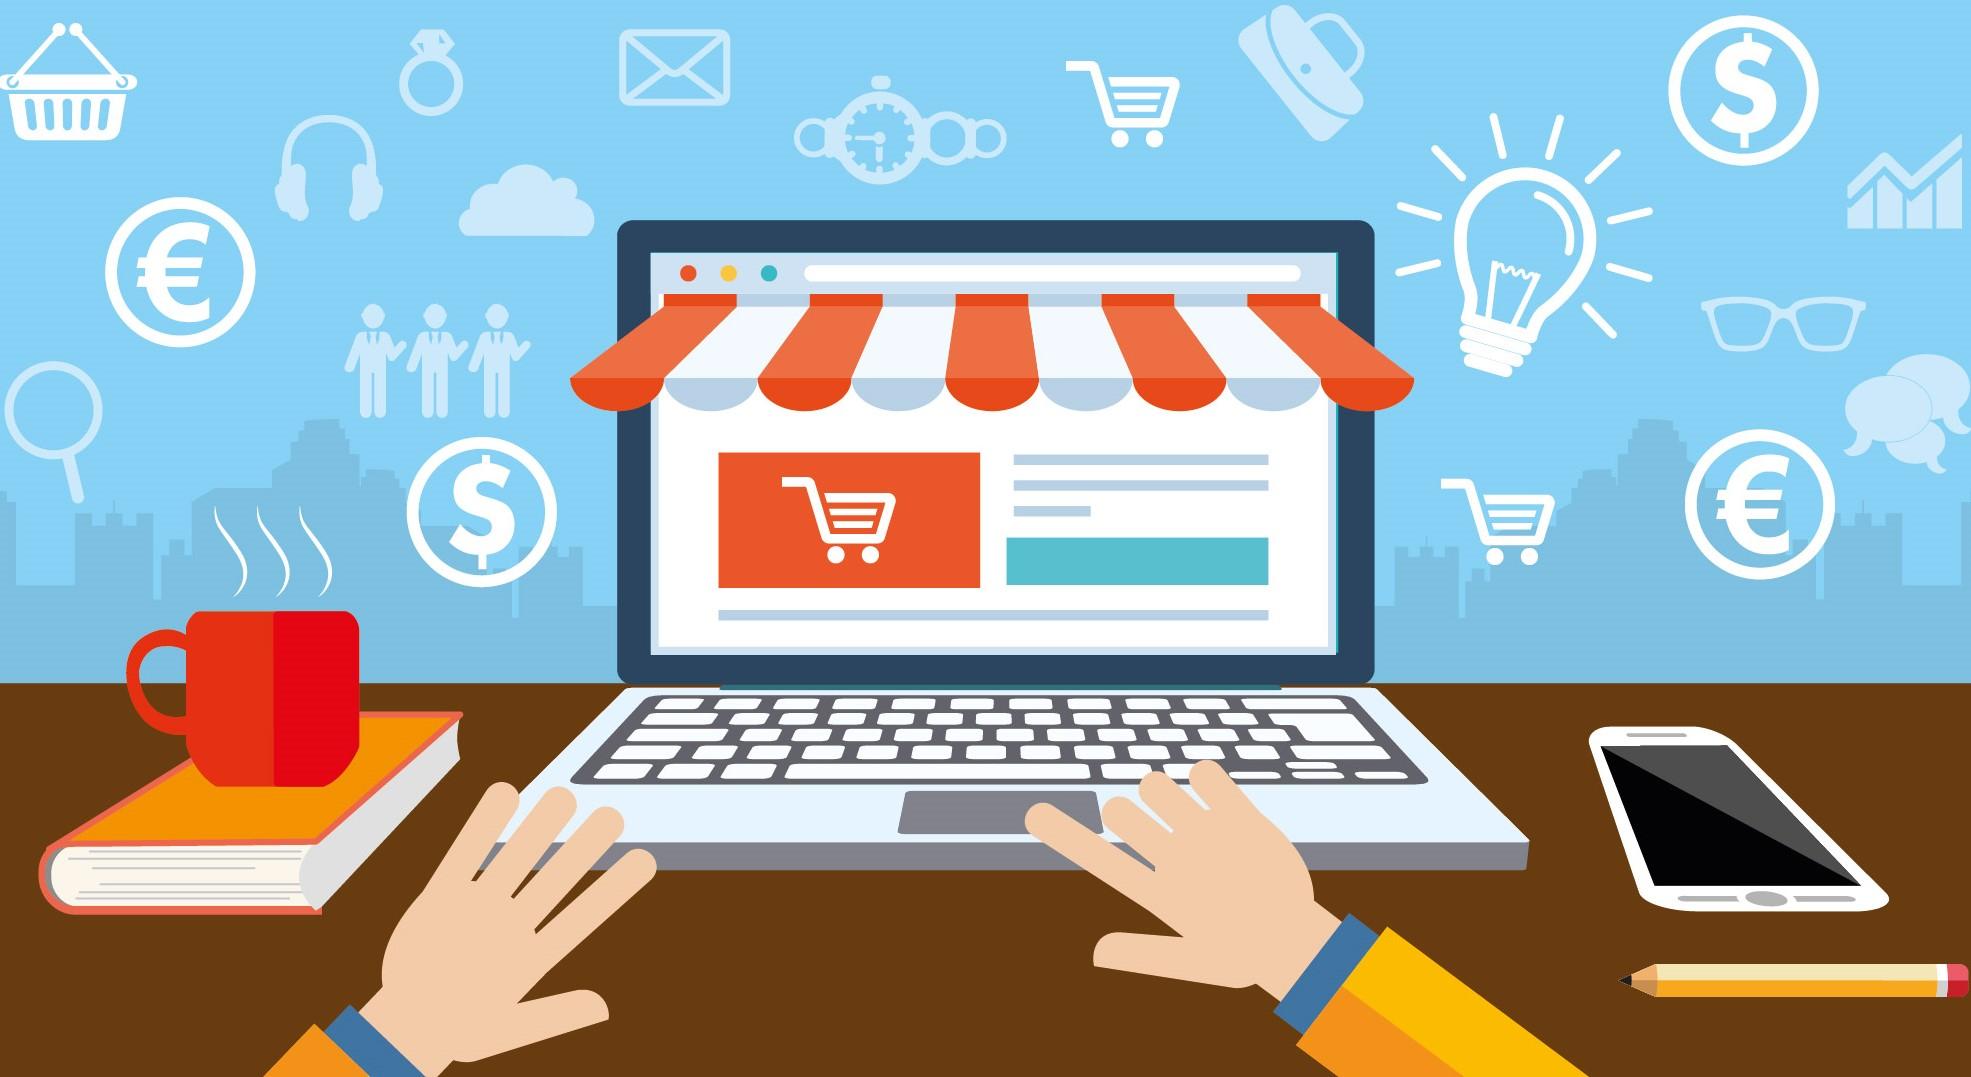 10 bước để bắt đầu khởi nghiệp kinh doanh online 2021